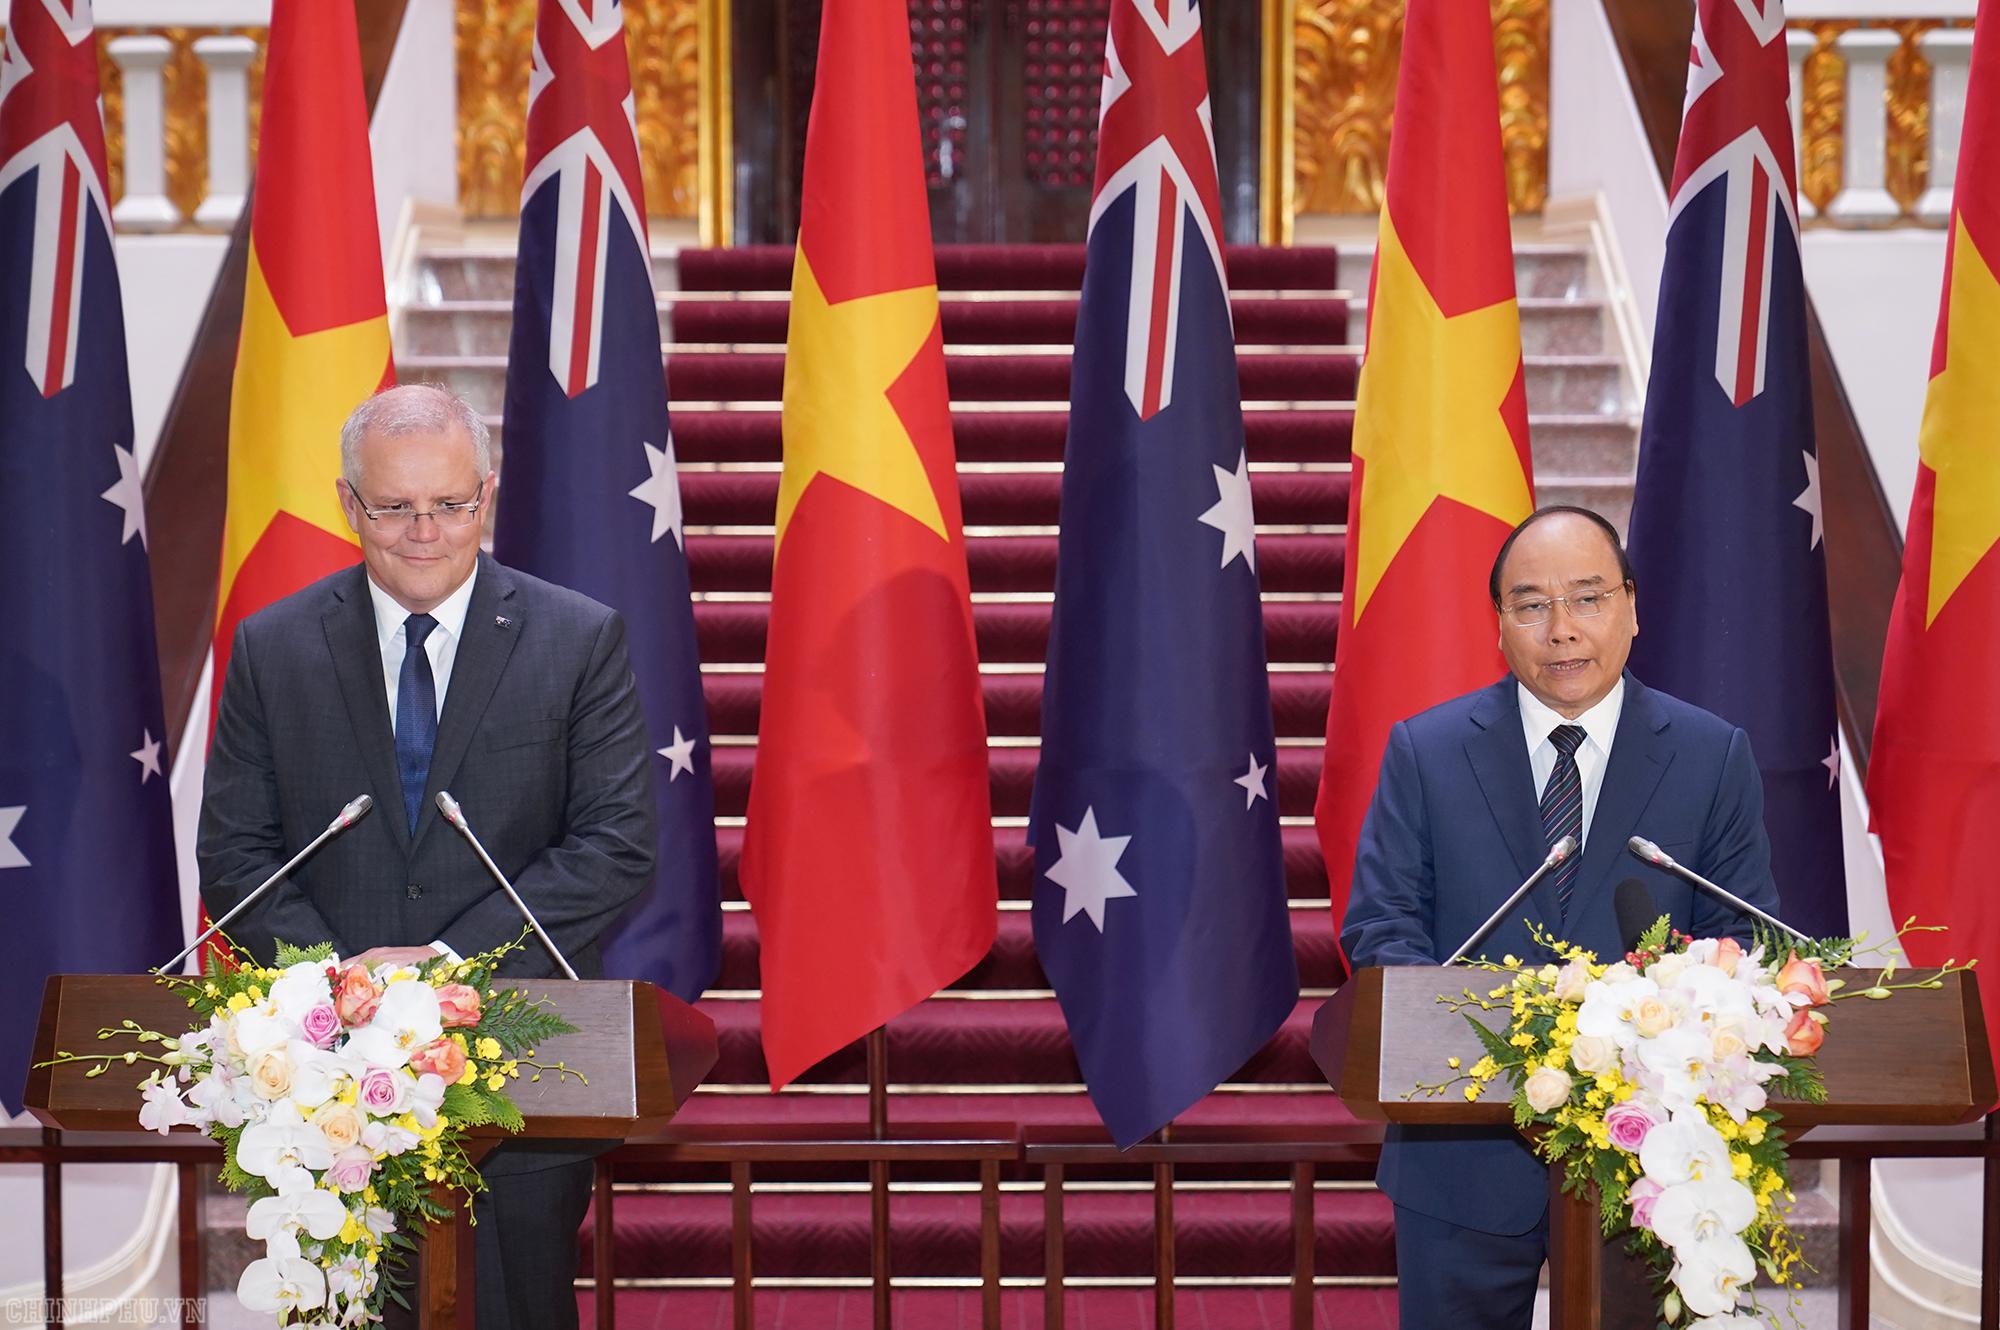 Thủ tướng Nguyễn Xuân Phúc và Thủ tướng Australia tại họp báo.